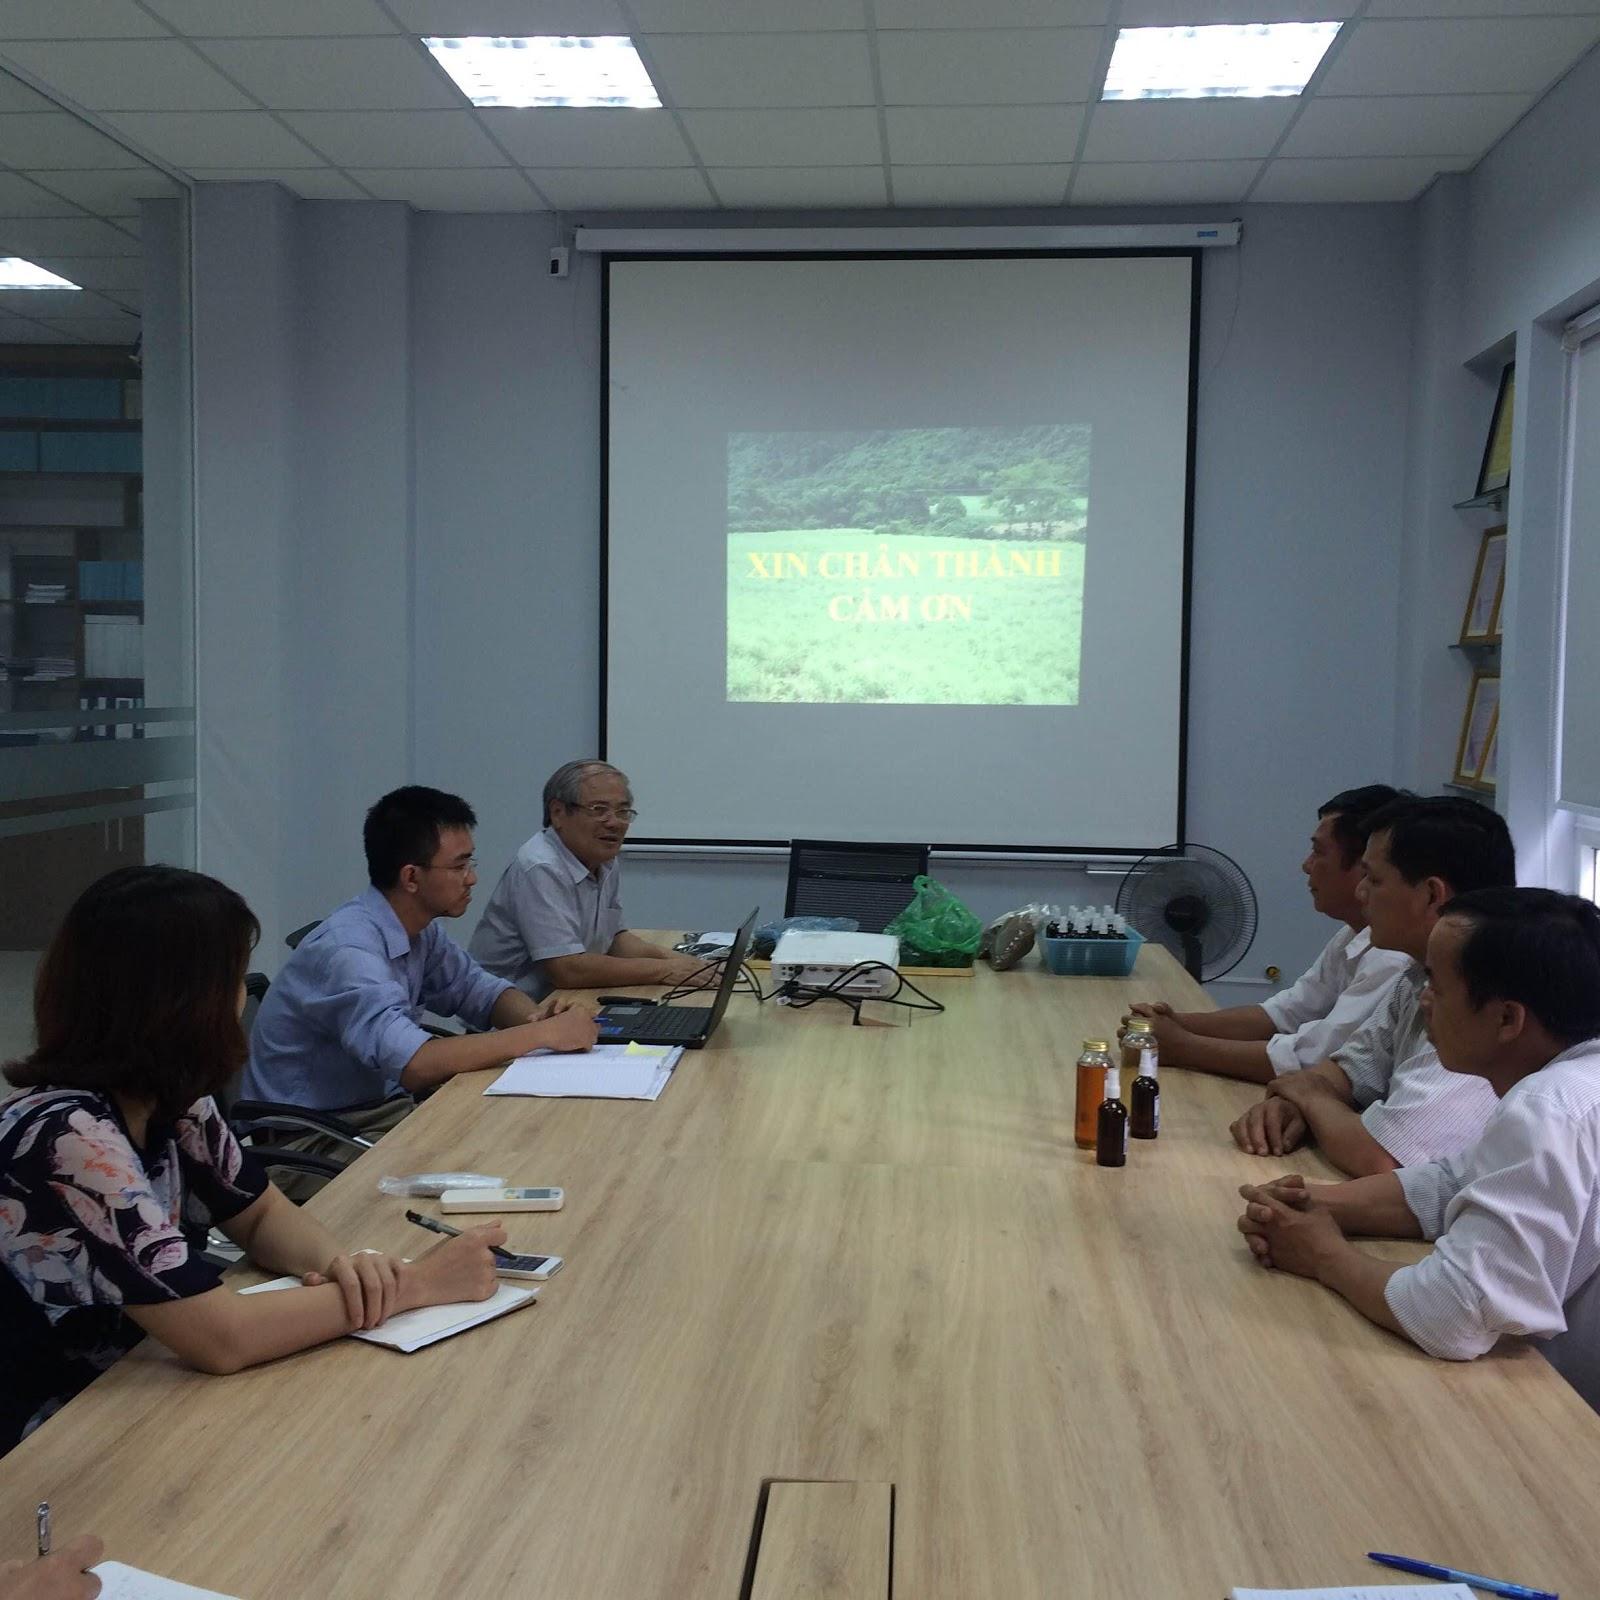 Hợp tác sản xuất tinh dầu với HTX Sản xuất và chế biến tinh dầu Sả Tân Trào , xã Ea Tir, huyện Ea H'leo, Dak Lak.